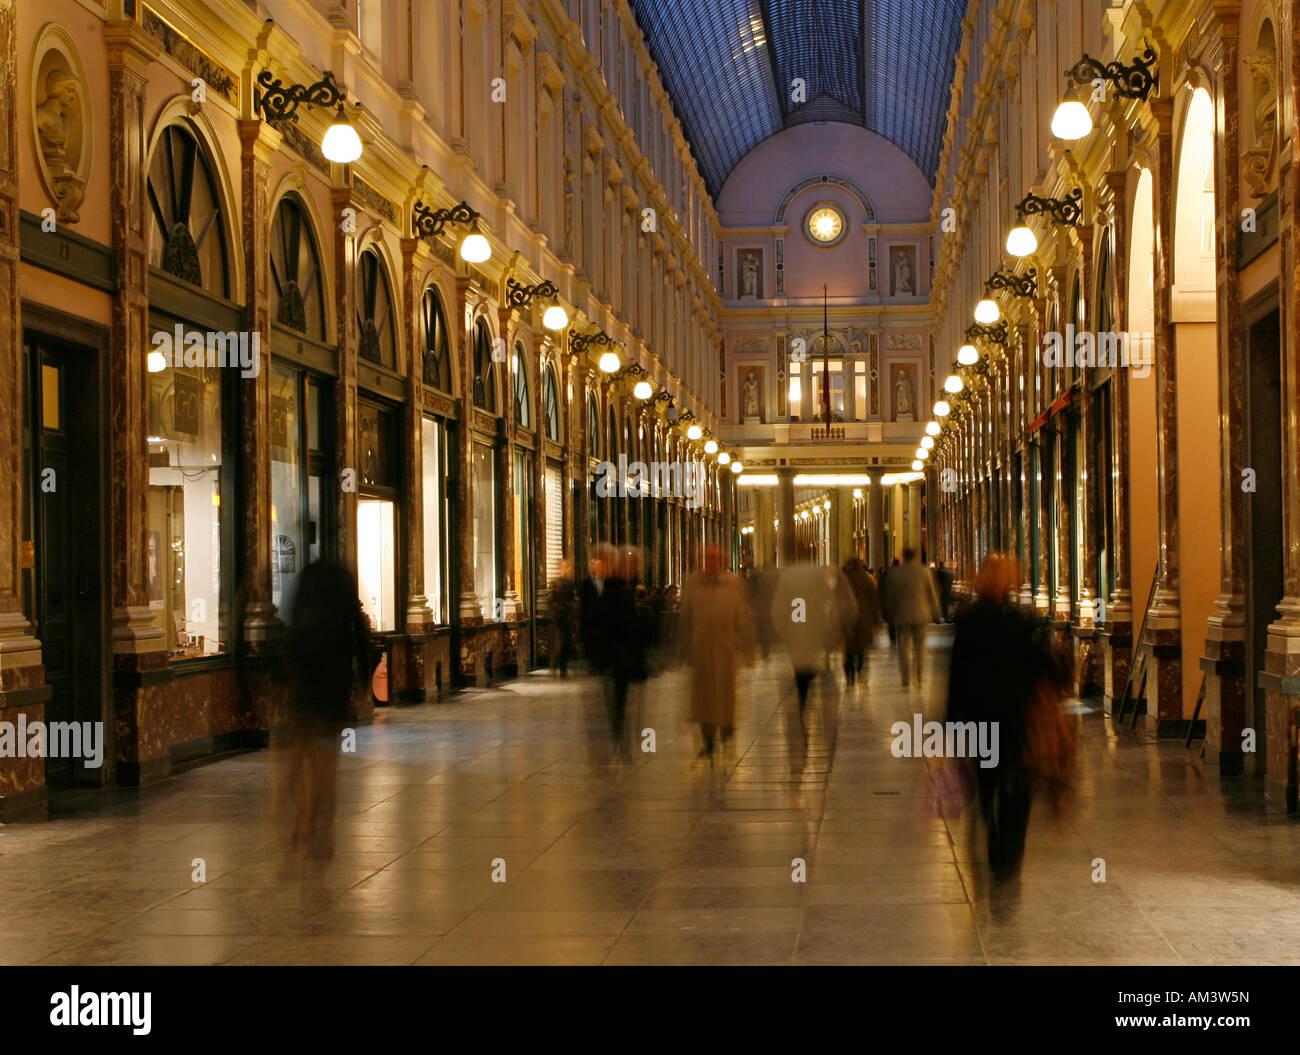 Galerie du Roi Brussels Belgium Europe - Stock Image